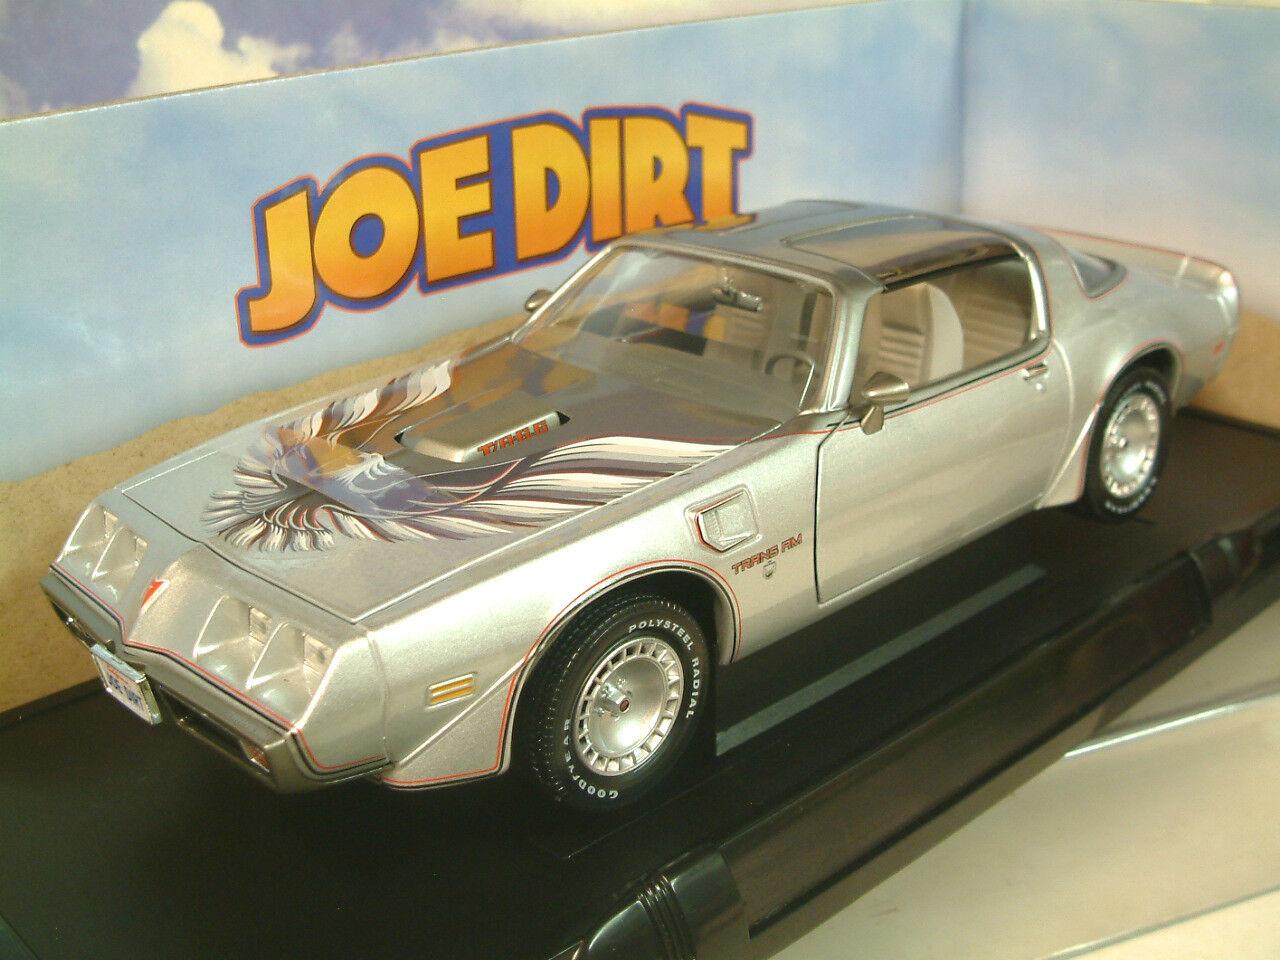 online al mejor precio verdelight 1 18 1979 Pontiac Firebird Firebird Firebird Trans Am en la Plata  Joe Dirt  Película    barato y de alta calidad